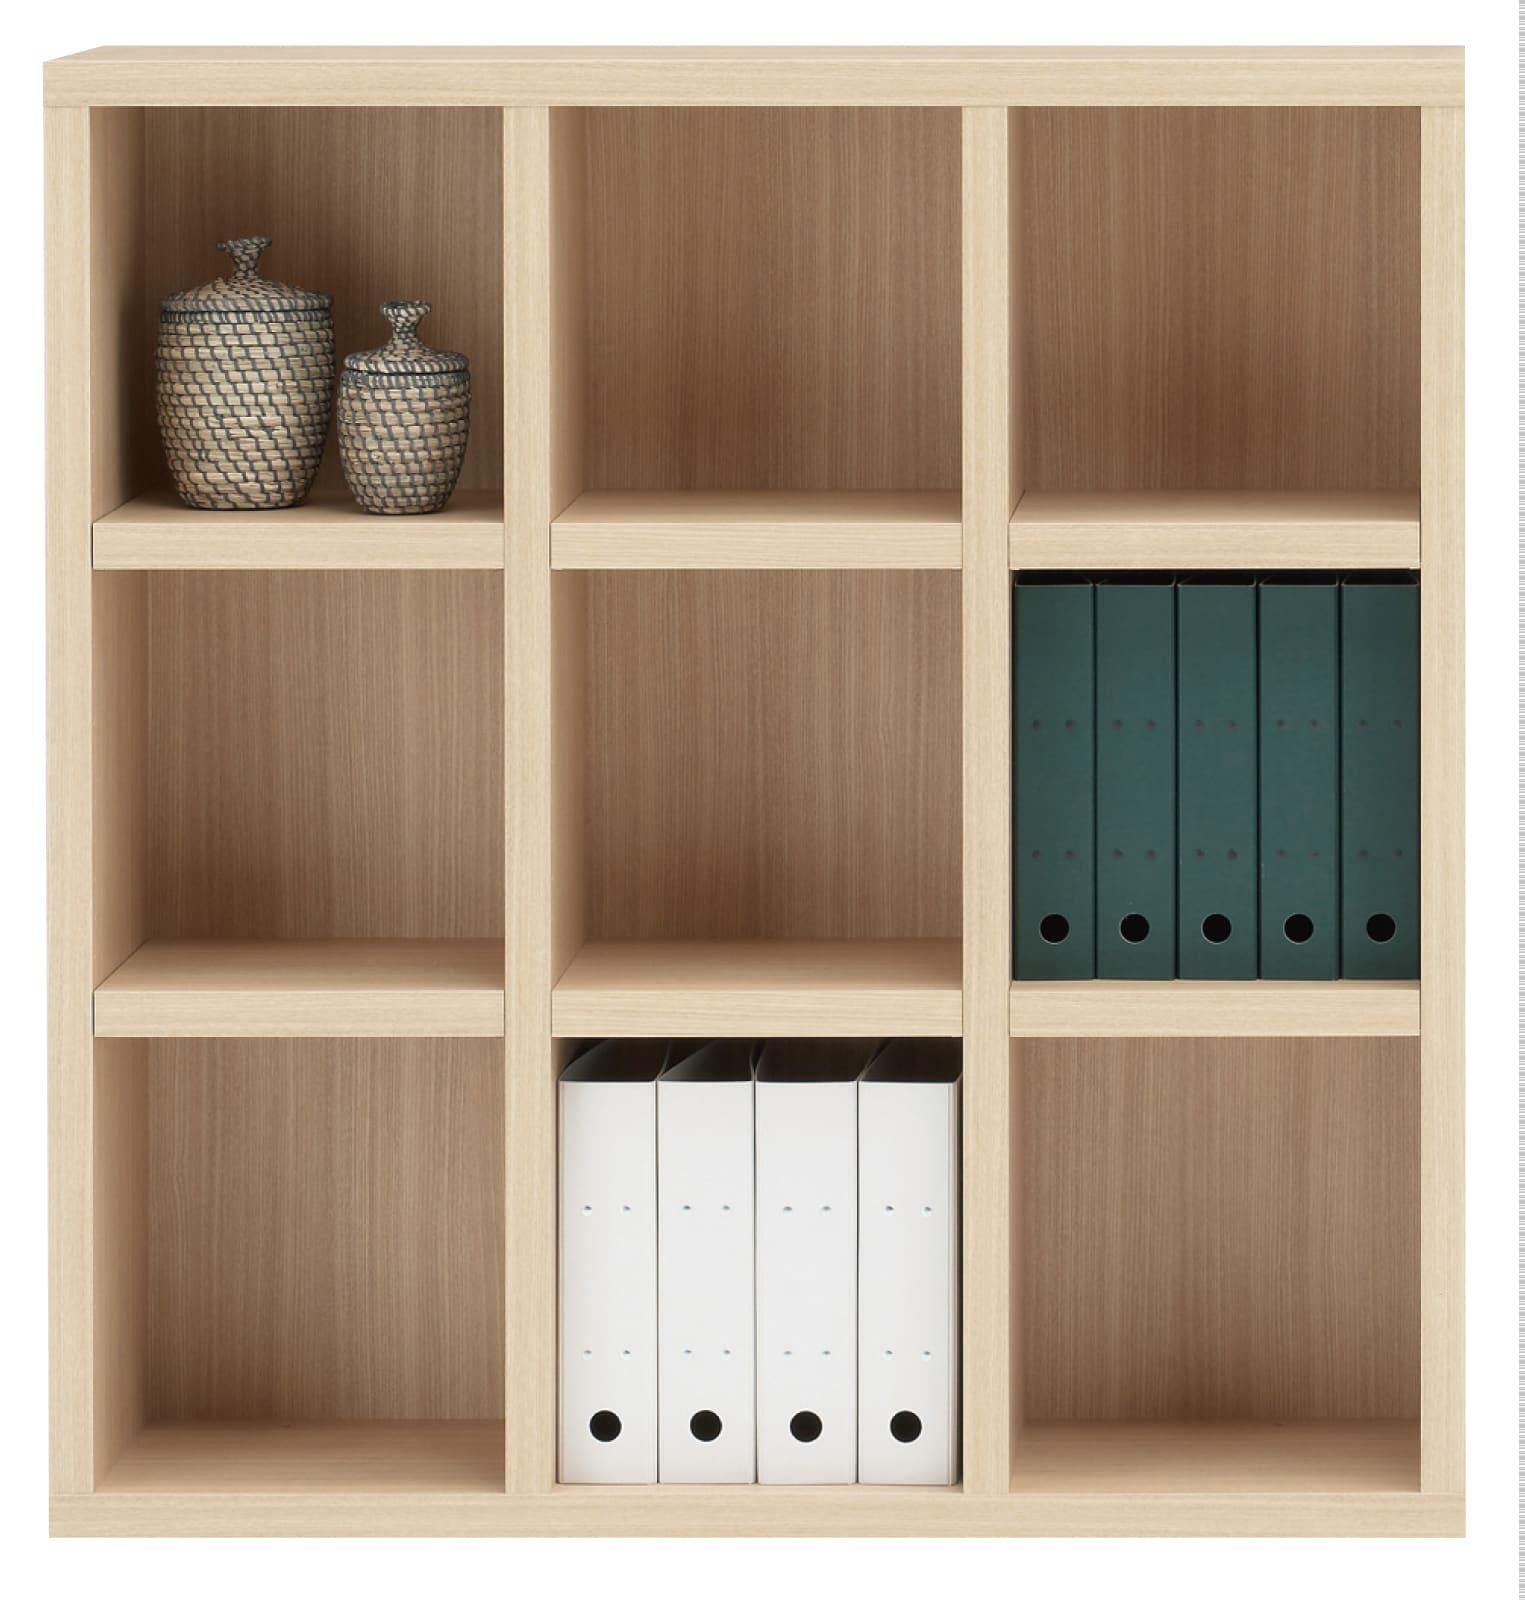 書棚 ニューラチスFHA−110L エリーゼアッシュ:書棚 ニューラチス ※小物類はイメージです。